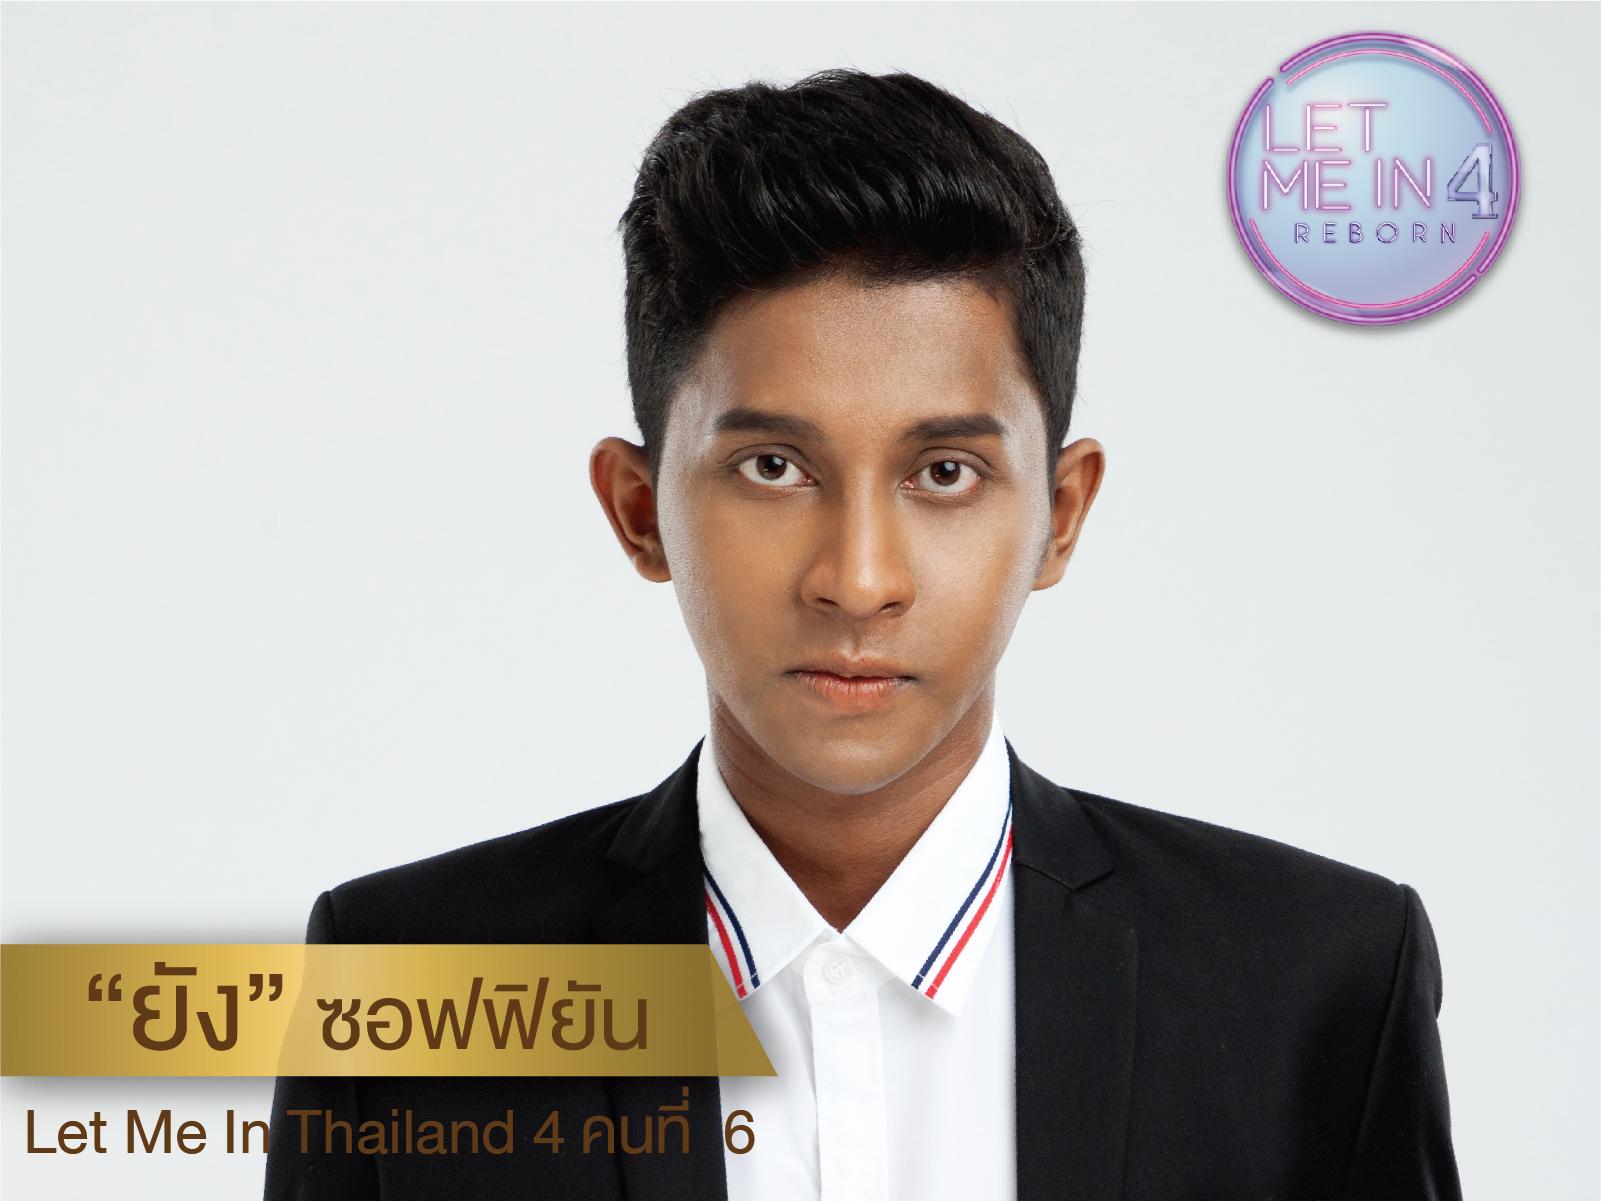 """""""ยัง"""" ซอฟฟียัน สะแลแม LET ME IN THAILAND SEASON 4 REBORN"""